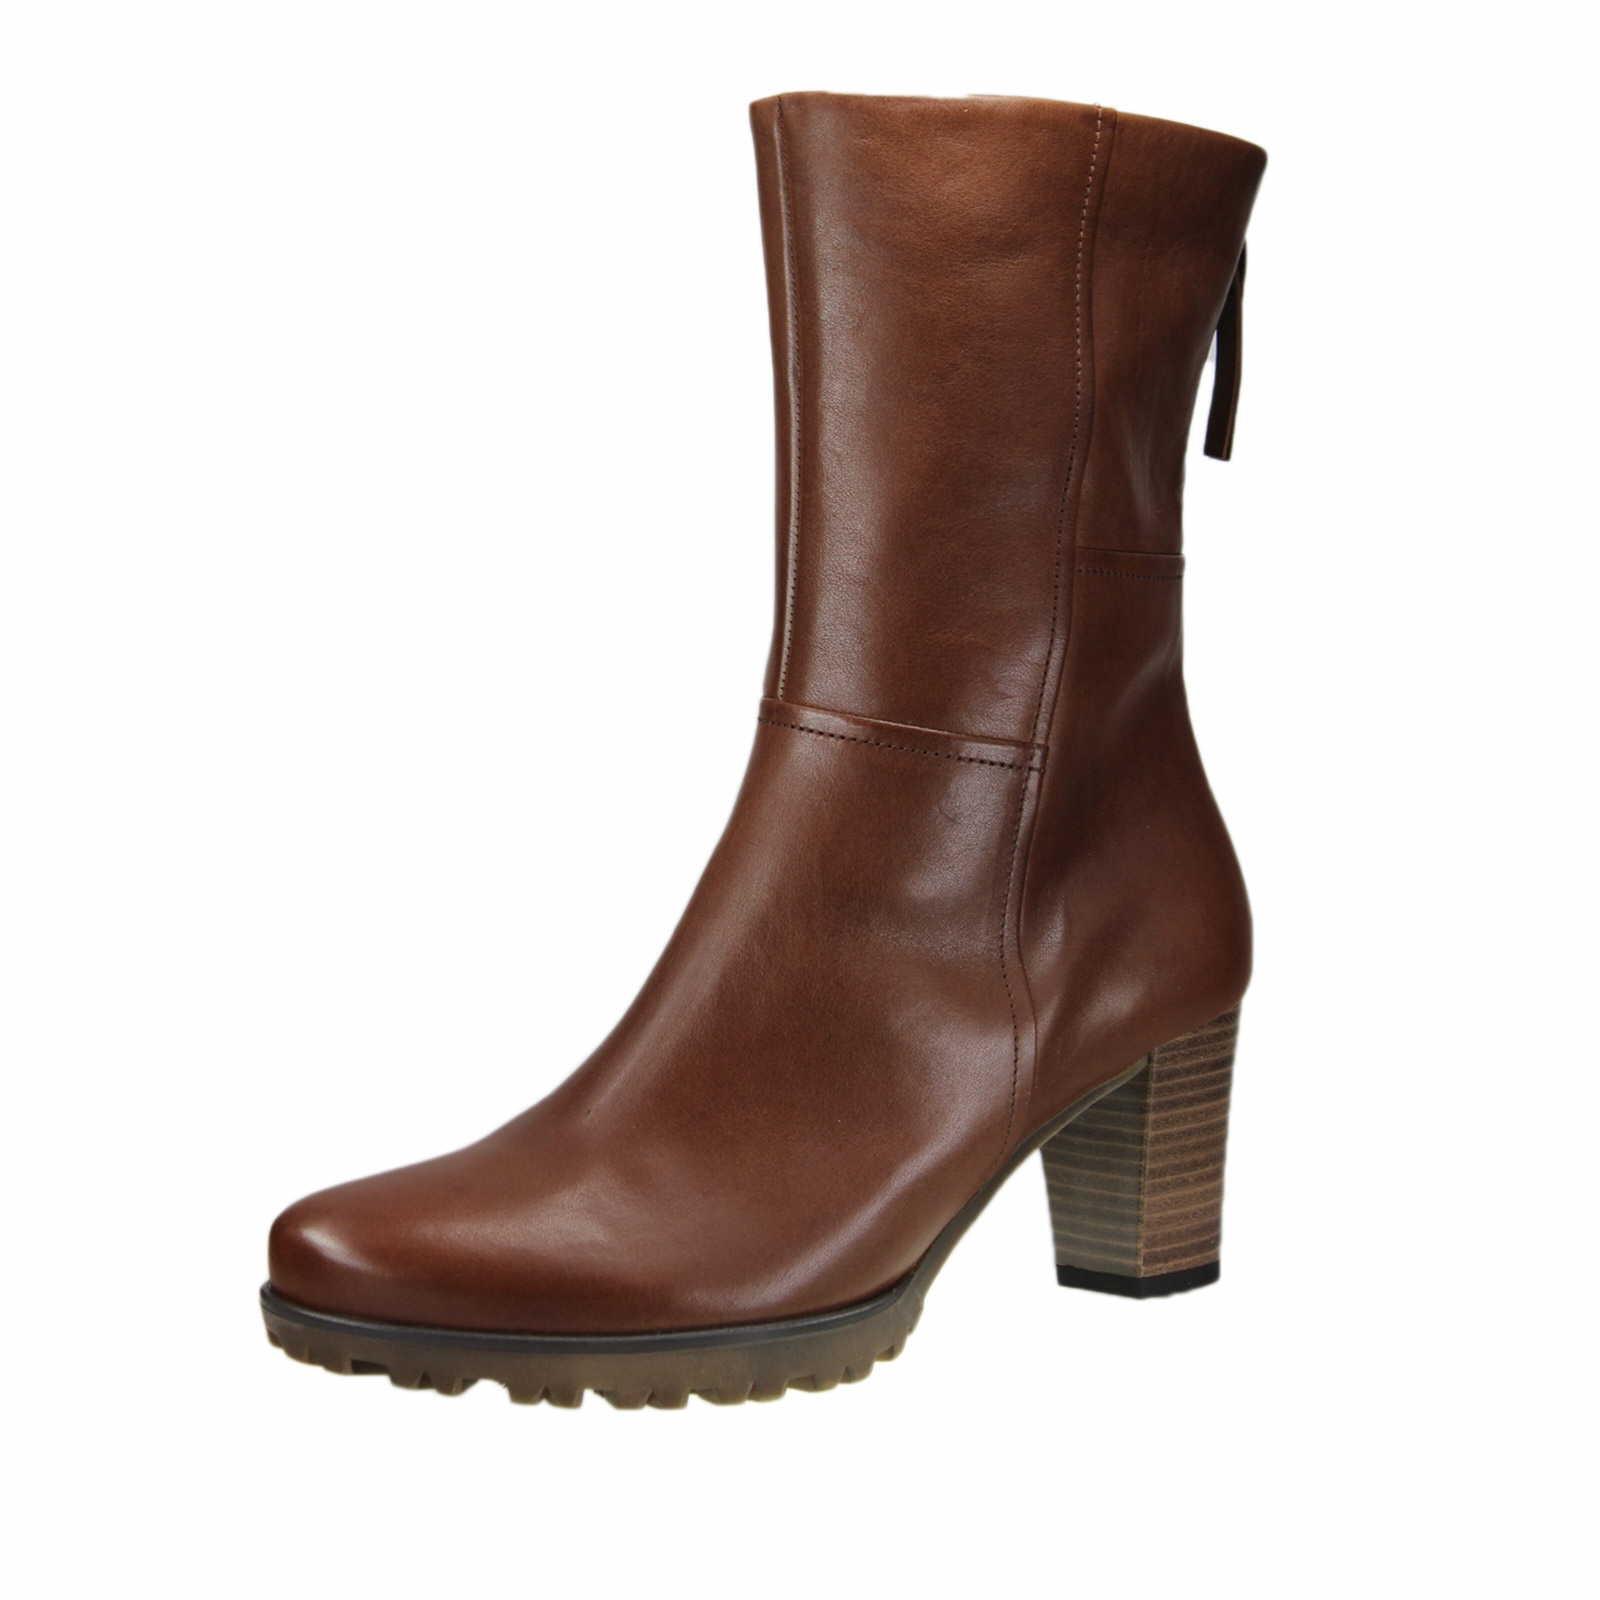 promo code 57754 26a9a Gabor Kurzstiefel für Damen in braun | Schuhparadies